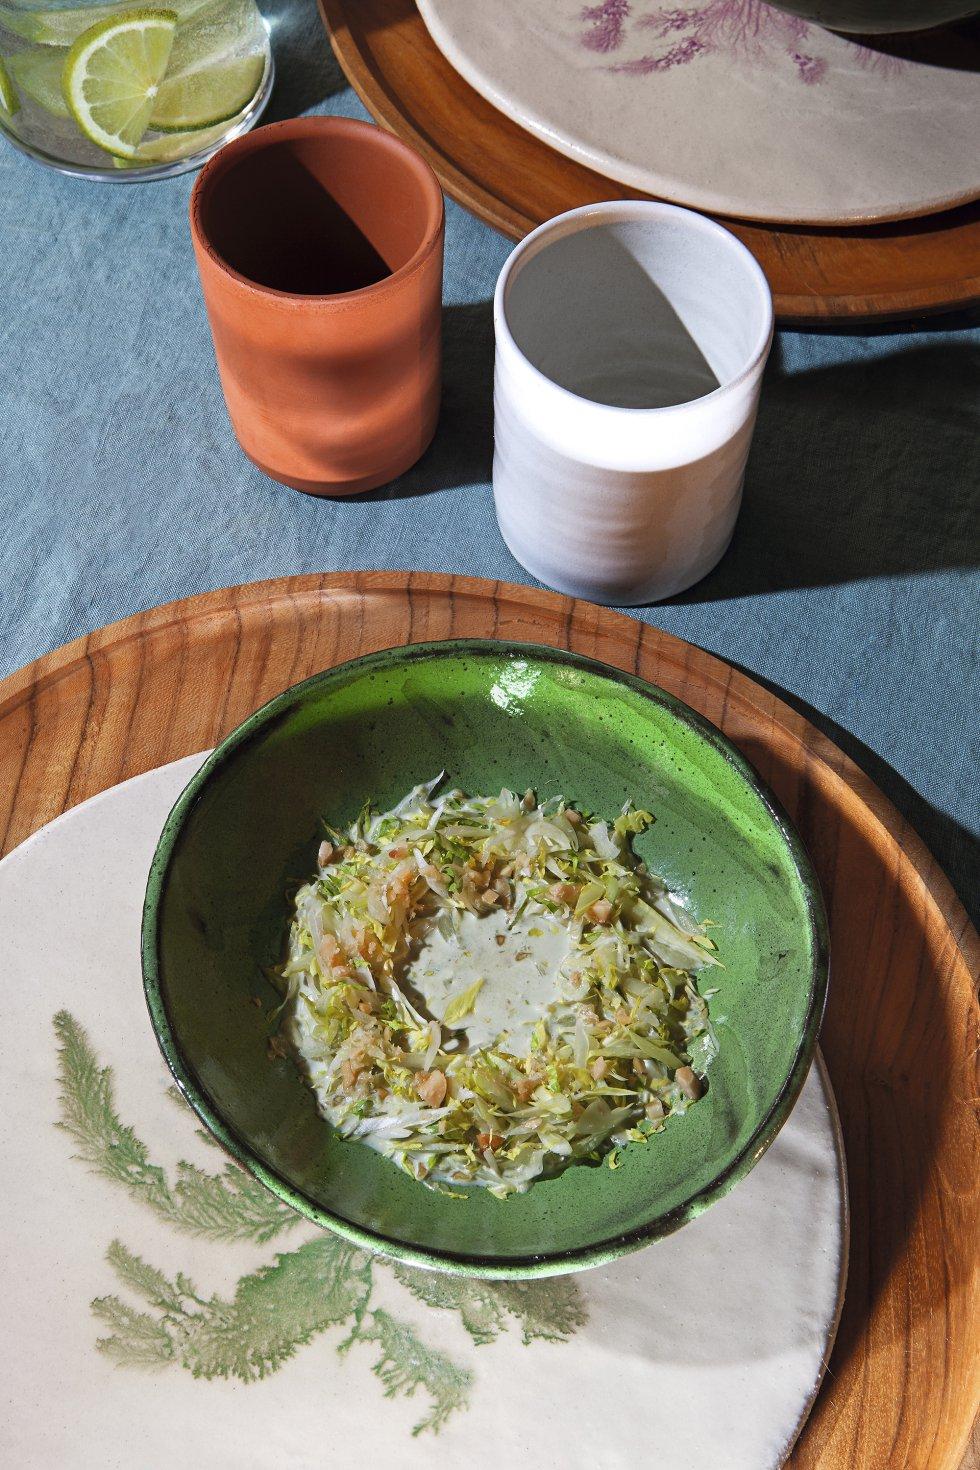 ACHICORIA CON CASTAÑAS Y AJOBLANCO DE PLANCTON     Ingredientes.  Para cuatro personas: 500 gramos de achicoria, 200 gramos de castañas peladas, asadas y troceadas. Para la sopa de almendras con plancton: 1 litro de leche de almendras, 450 gramos de almendra marcona frita, 2 dientes de ajo, 5 gramos de plancton, 25 gramos de agua, 15 gramos de vinagre de arroz blanco japonés, 10 gramos de jang (esencia de soja), 30 gramos de miga de pan blanco.    Elaboración.   1. En un bol introducir las almendras y la leche, añadir el ajo y la miga de pan. Dejar reposar esta mezcla durante al menos cinco horas. 2. Mientras se macera la mezcla, rehidratar el plancton en el agua. 3. Una vez tengamos ambas elaboraciones, triturar por un lado la mezcla de leche, ajos, almendras y miga de pan en un robot de cocina a máxima velocidad durante cuatro minutos. 4.Transcurrido el tiempo, pasar por un chino fino sin apretar demasiado para evitar que caigan posos de la almendra. 5. Añadir al ajoblanco el plancton rehidratado, el vinagre de arroz blanco y el jang. Reservar hasta su utilización en un recipiente de plástico hermético. 6. Limpiar bien la achicoria para despojarla de los restos de tierra que pueda tener. Quitar las capas exteriores y desecharlas, ya que son demasiado amargas. 7. Cortar el tallo de la achicoria en cubos de medio centímetro y la parte de las hojas en juliana muy fina. Reservar en agua y hielo. 8. Escurrir del agua y colocar en un plato en forma de corona. Espolvorear por encima las castañas. 9. Verter el ajoblanco en el centro de la corona en el último momento.   Los bajoplatos, de Mahe Homeware, son de madera de teca con certificado FSC (35 euros la unidad). El mantel, también de Mahe Homeware, es de lino 100% lavado a la piedra (70 euros). El plato y el cuenco de gres han sido diseñados por la ceramista María Gómez de Agüero (25 euros y 12 euros la unidad). Los vasos de gres blanco son de Laon Pottery (25 euros la unidad), y los de cerámica sin esmaltar, de Alfare